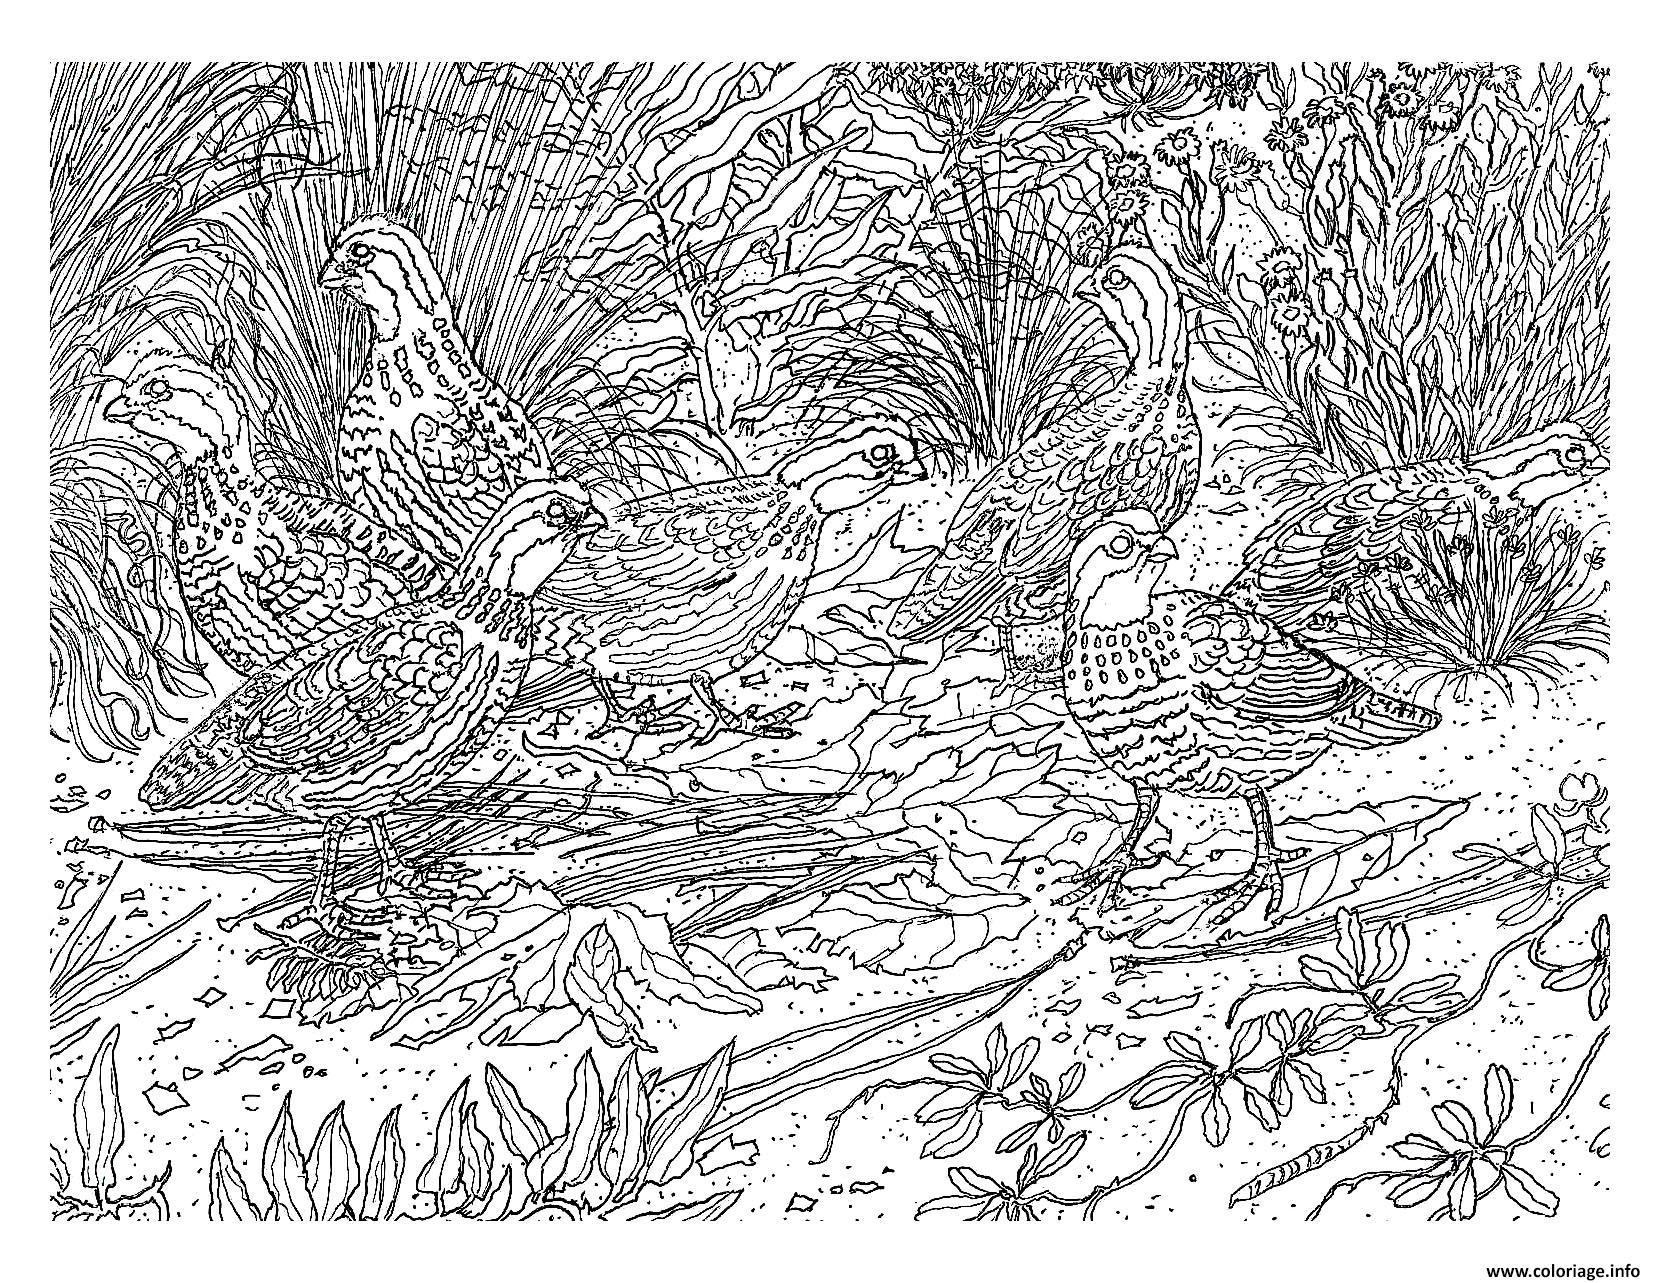 Coloriage difficile oiseau dessin - Coloriages adultes ...